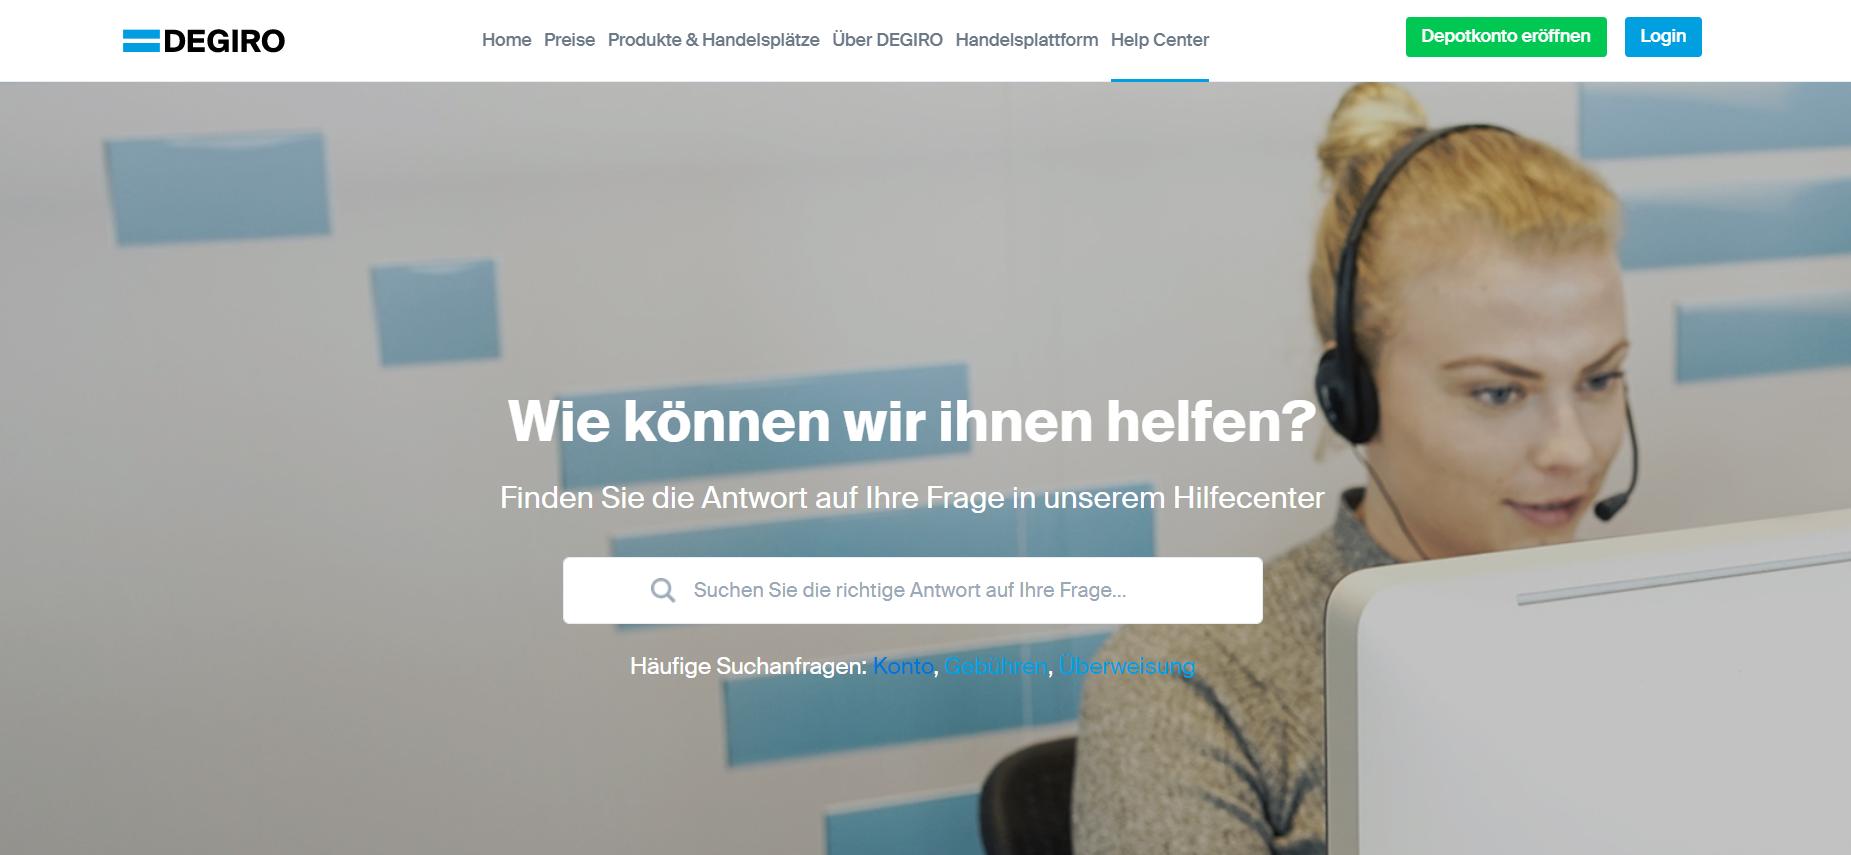 degiro-suche-nach-webinaren